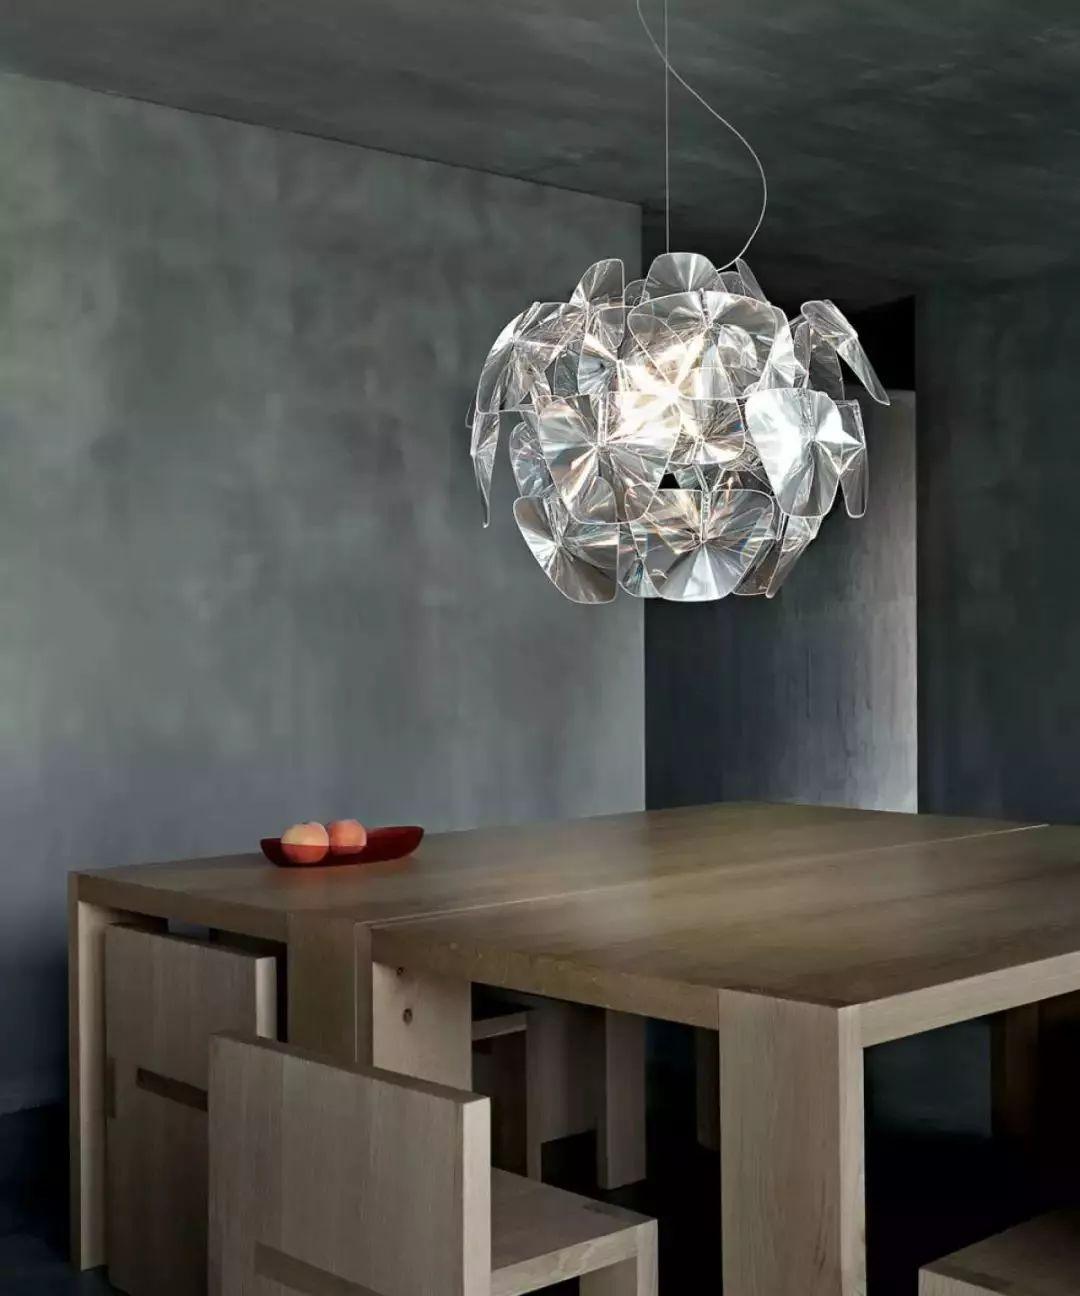 【灯光】直击2019米兰设计周,感受最前沿的灯具设计!图片